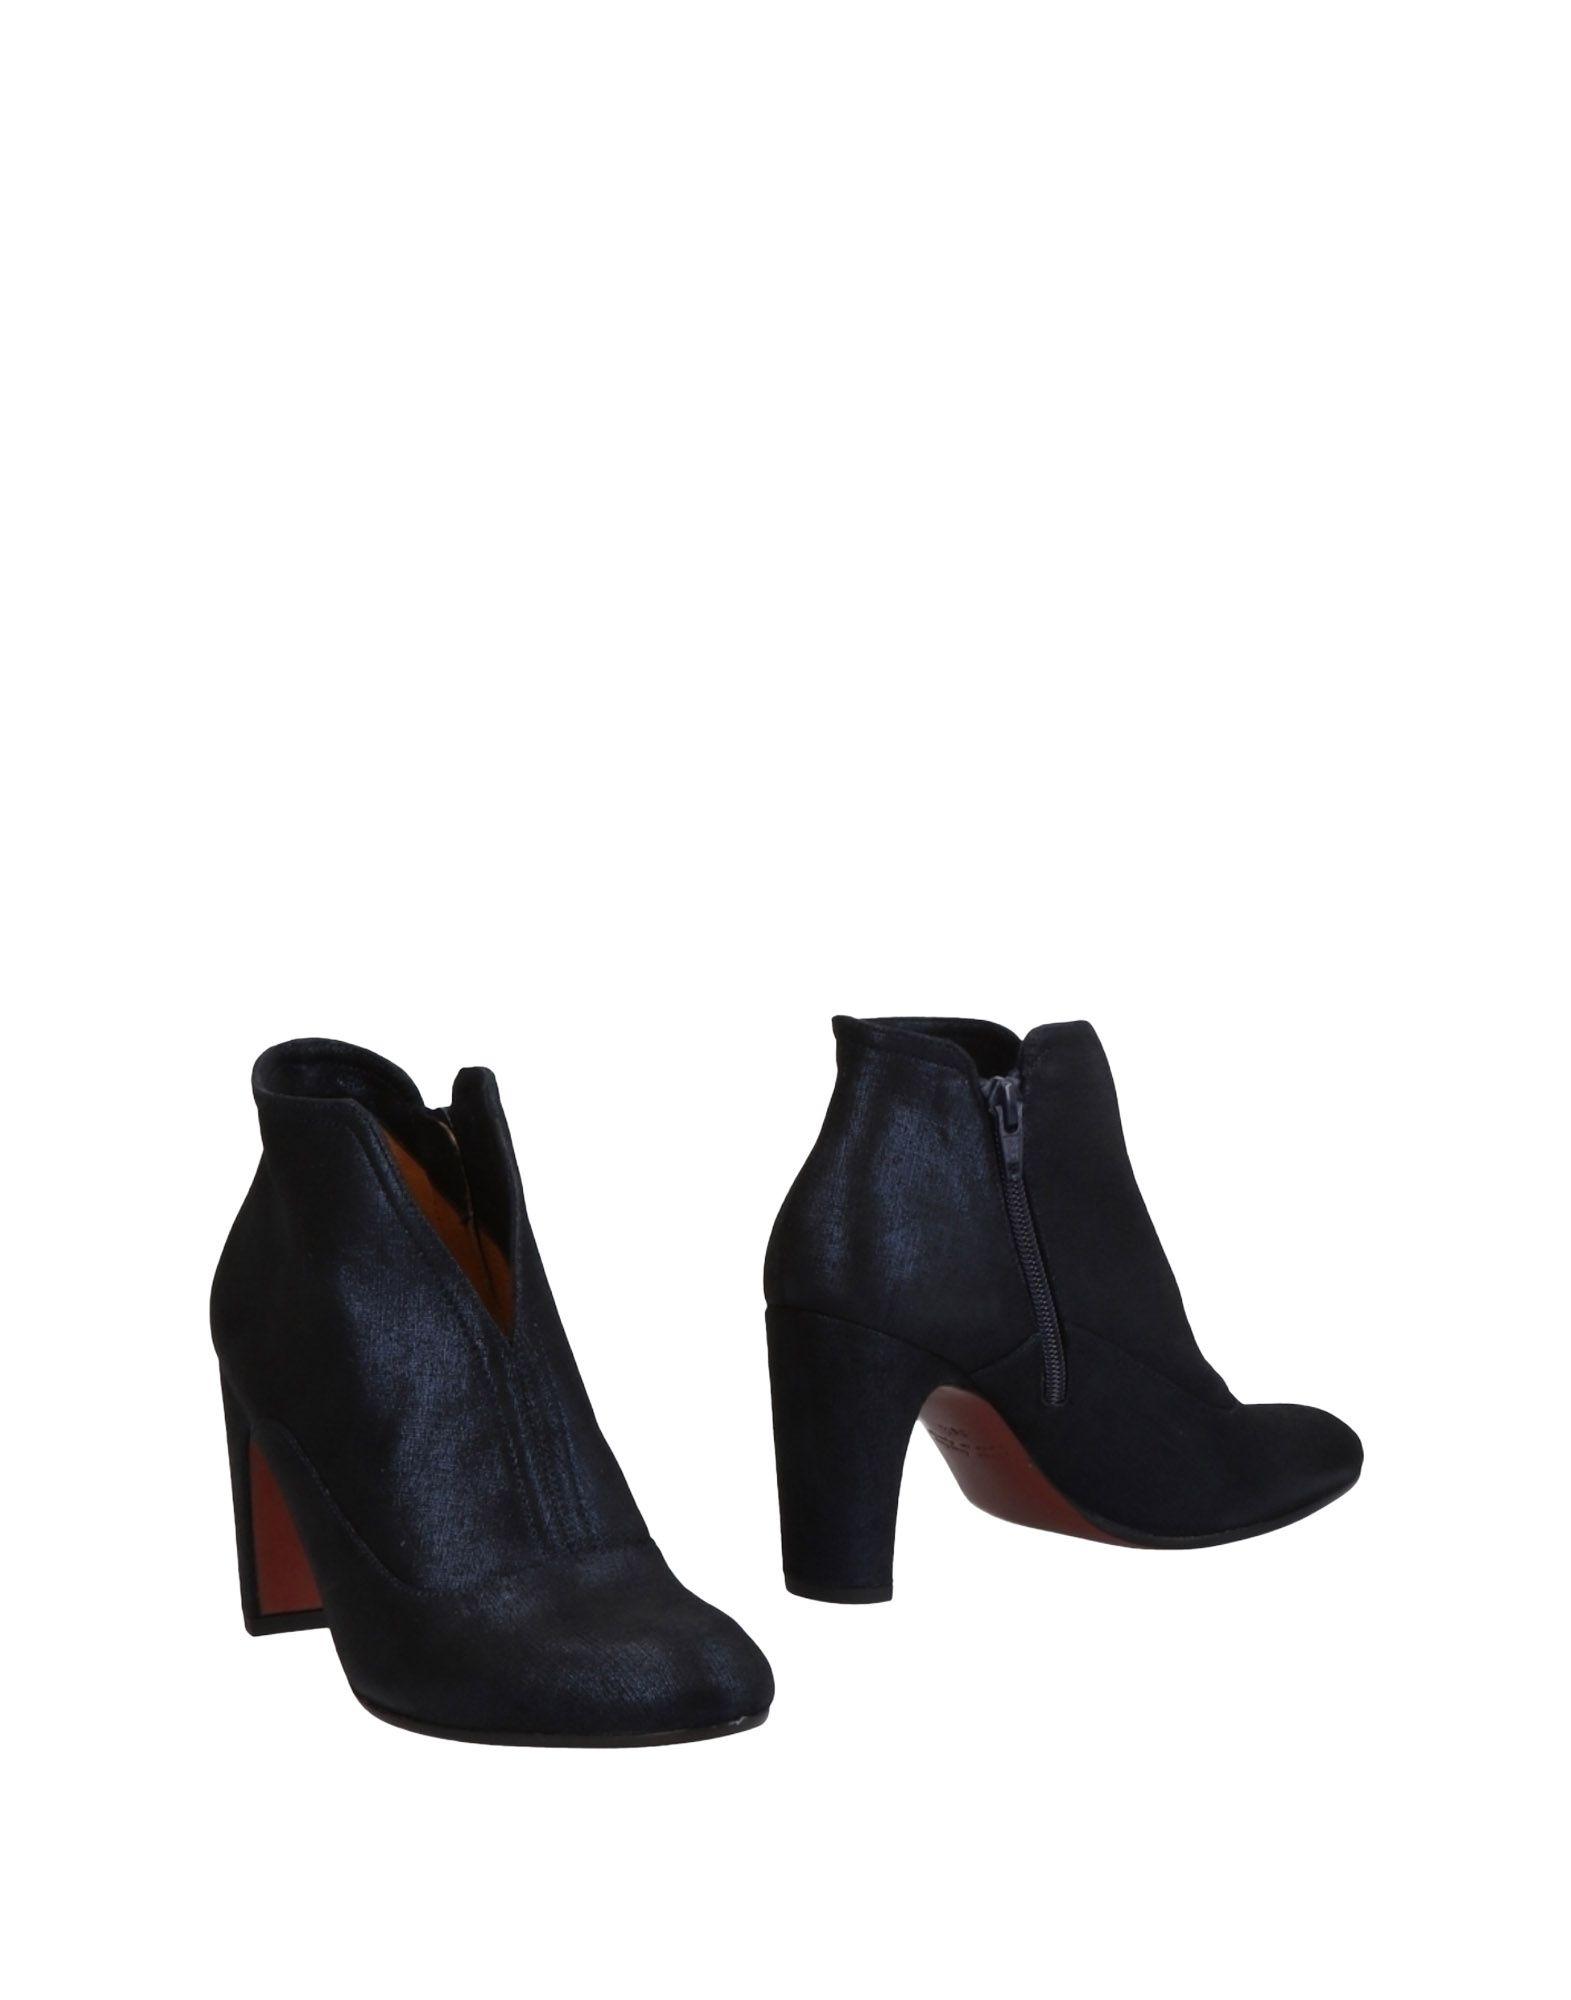 Chie Mihara Stiefelette Damen  11463131UNGut aussehende strapazierfähige Schuhe